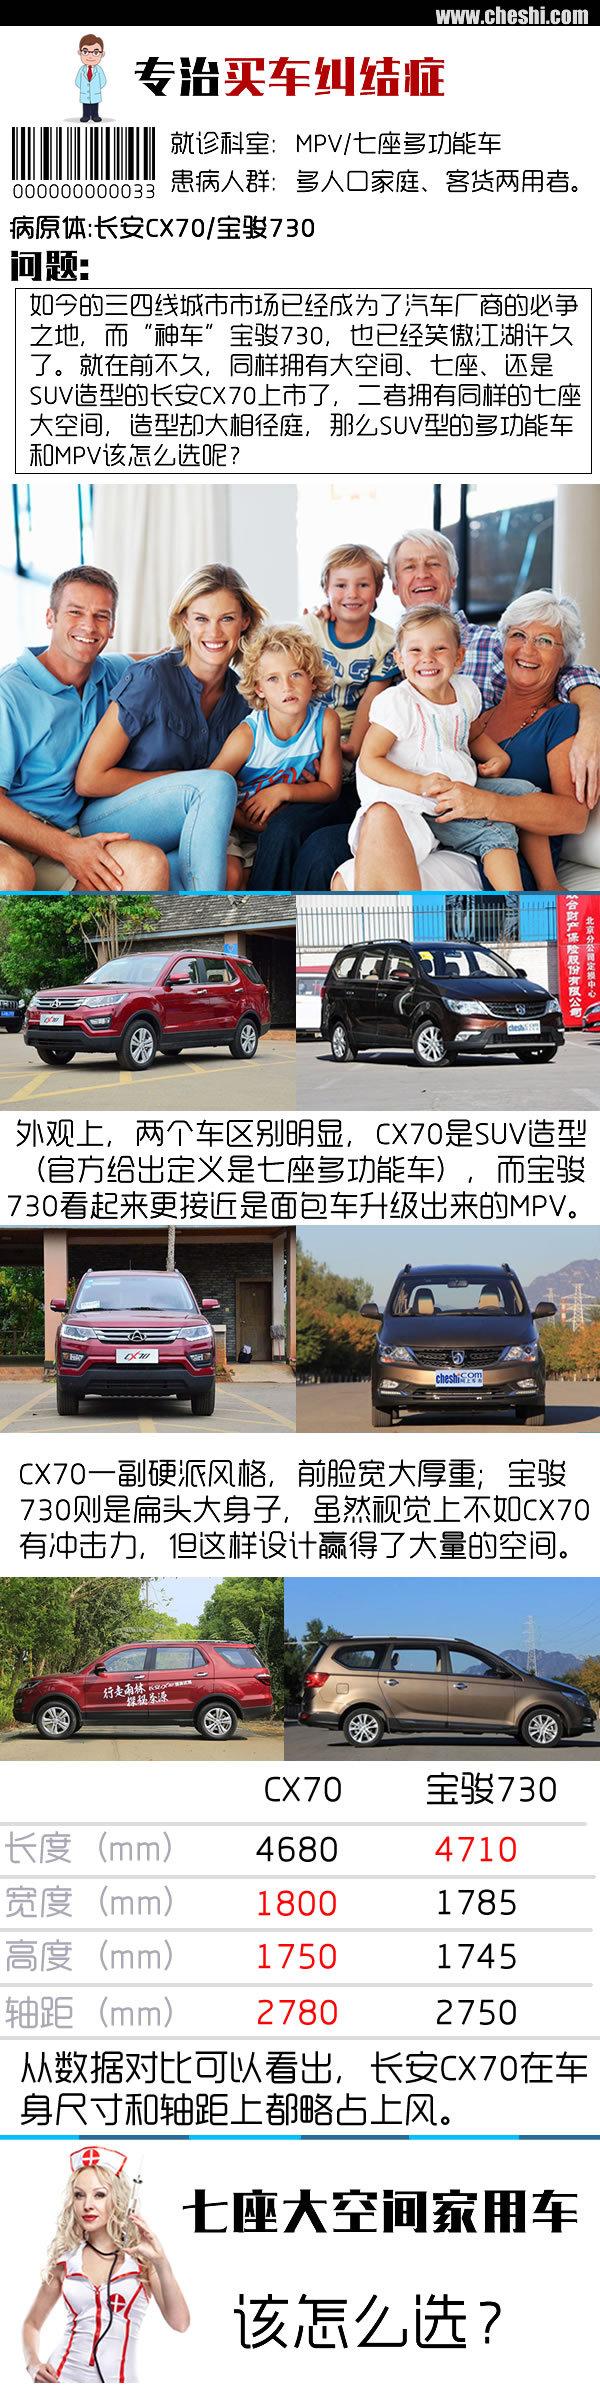 专治买车纠结症 长安商用CX70对宝骏730-图1